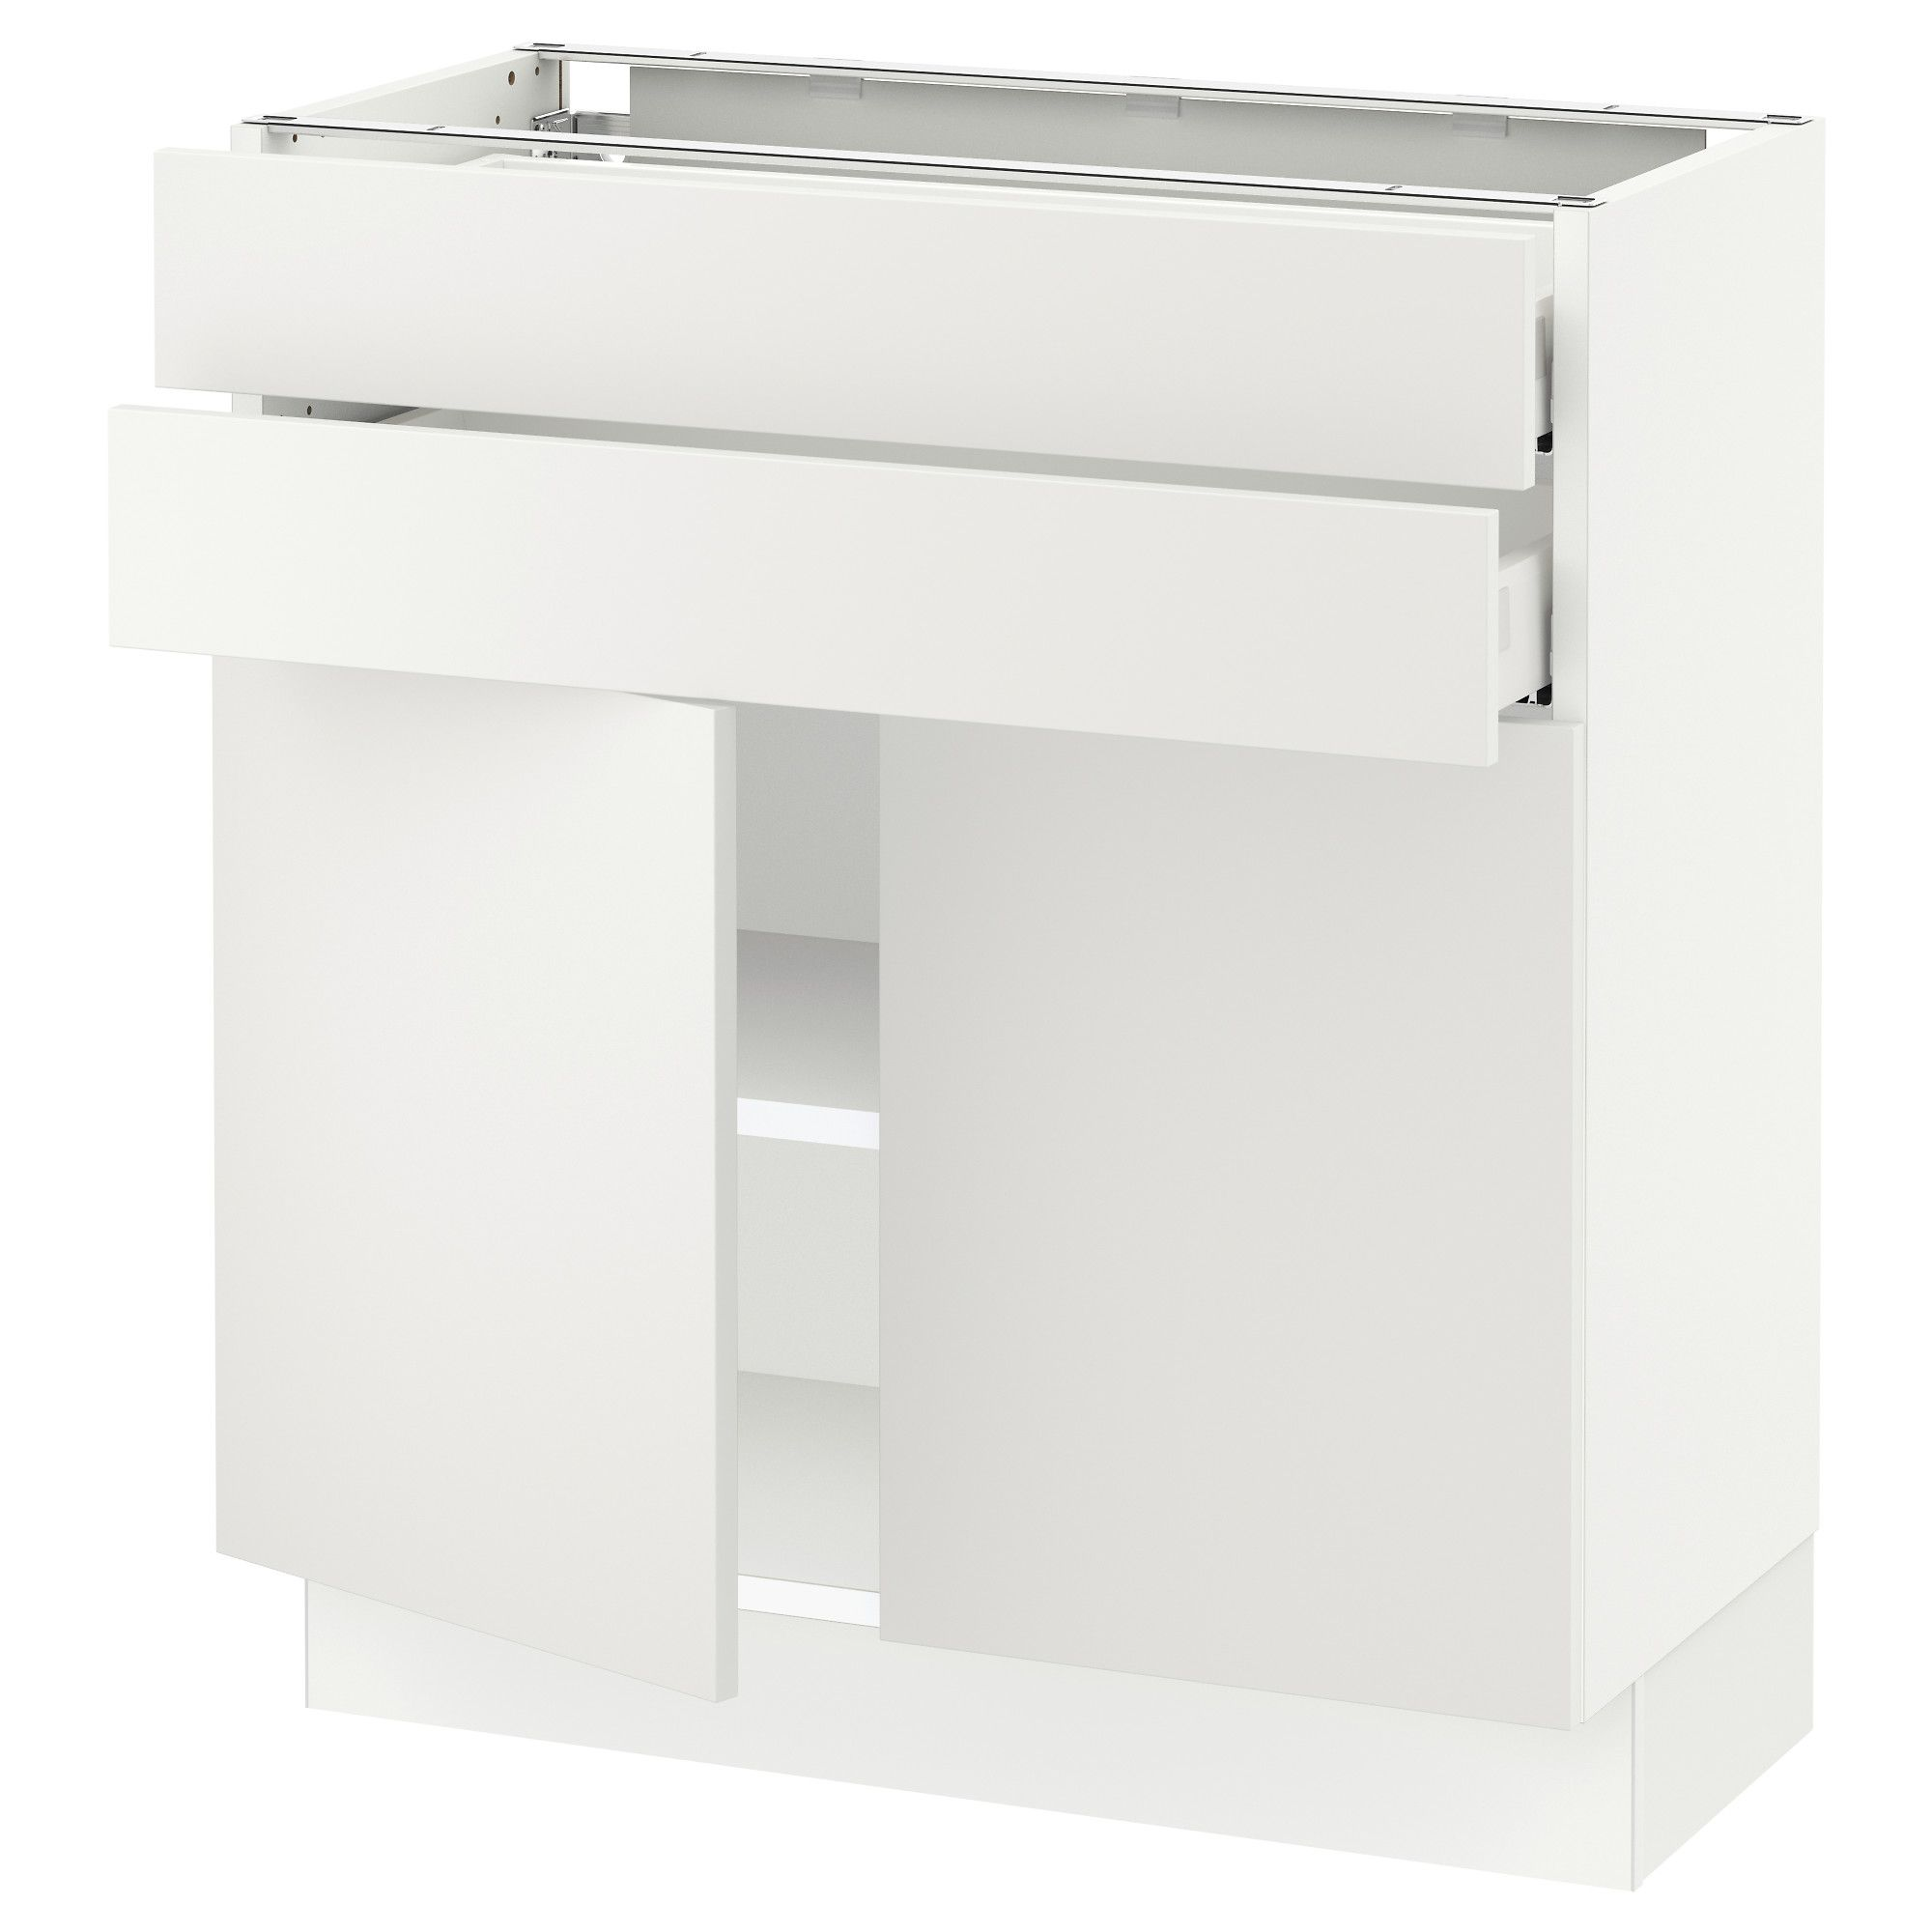 Ikea Sektion Blanc Armoire Inf 2 Portes 2 Tir Frame Colour